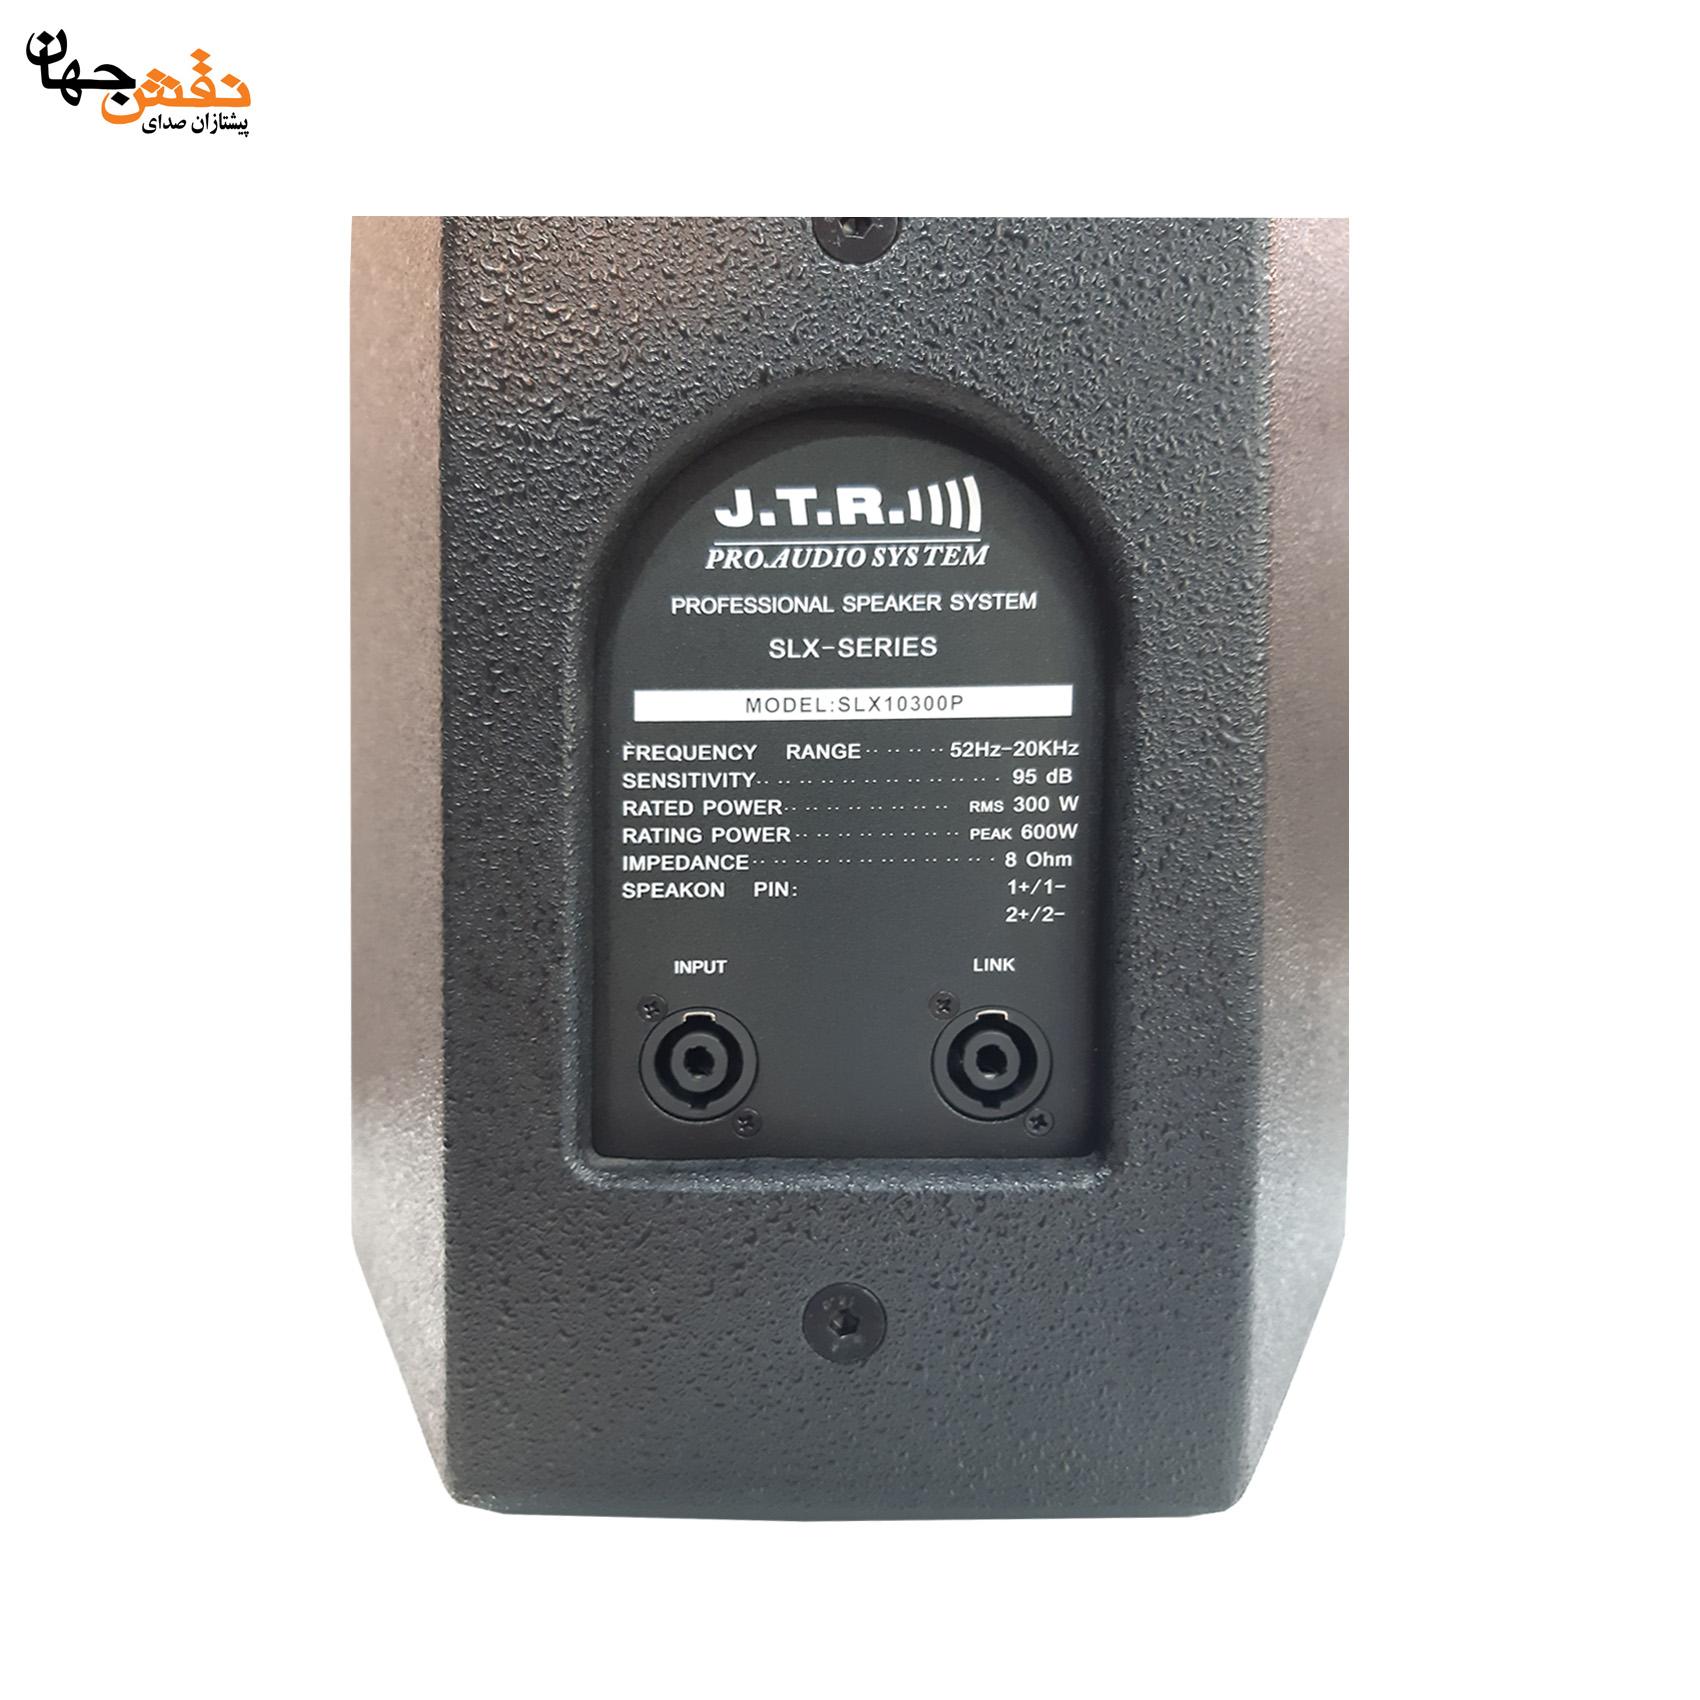 slx10300-3